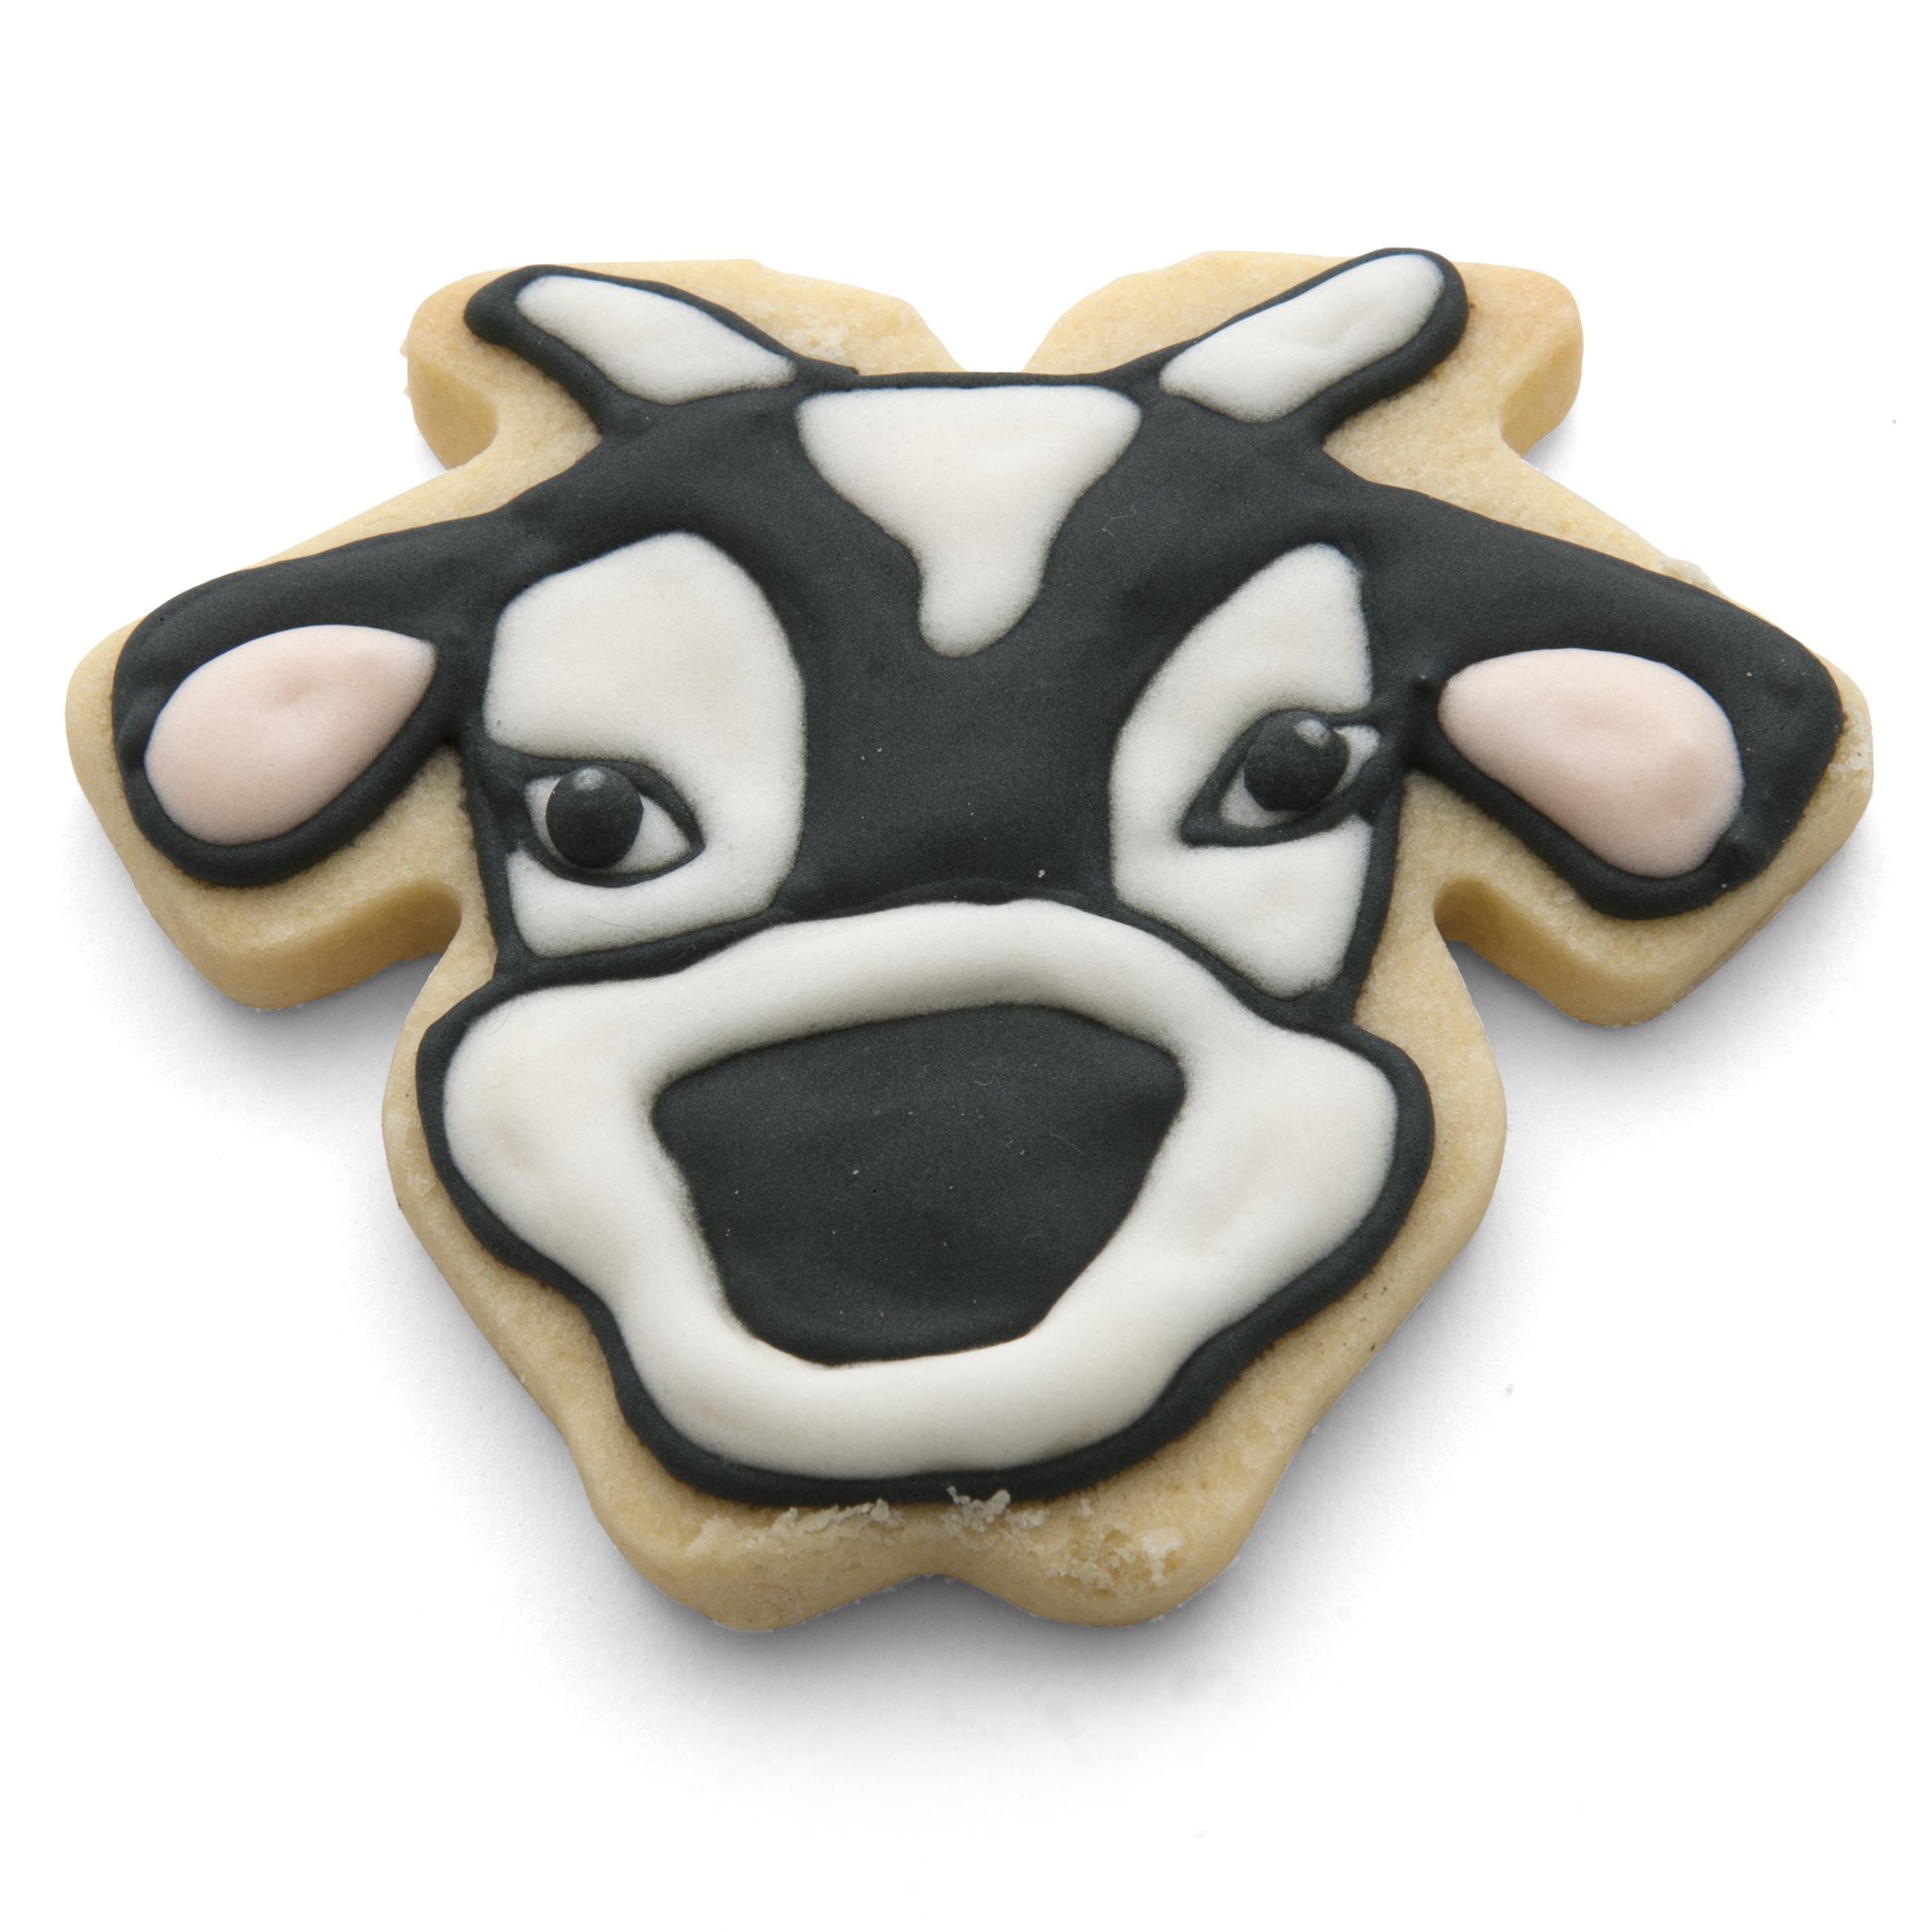 Cow Face Cookie Cutter Handmade Cuttercraft